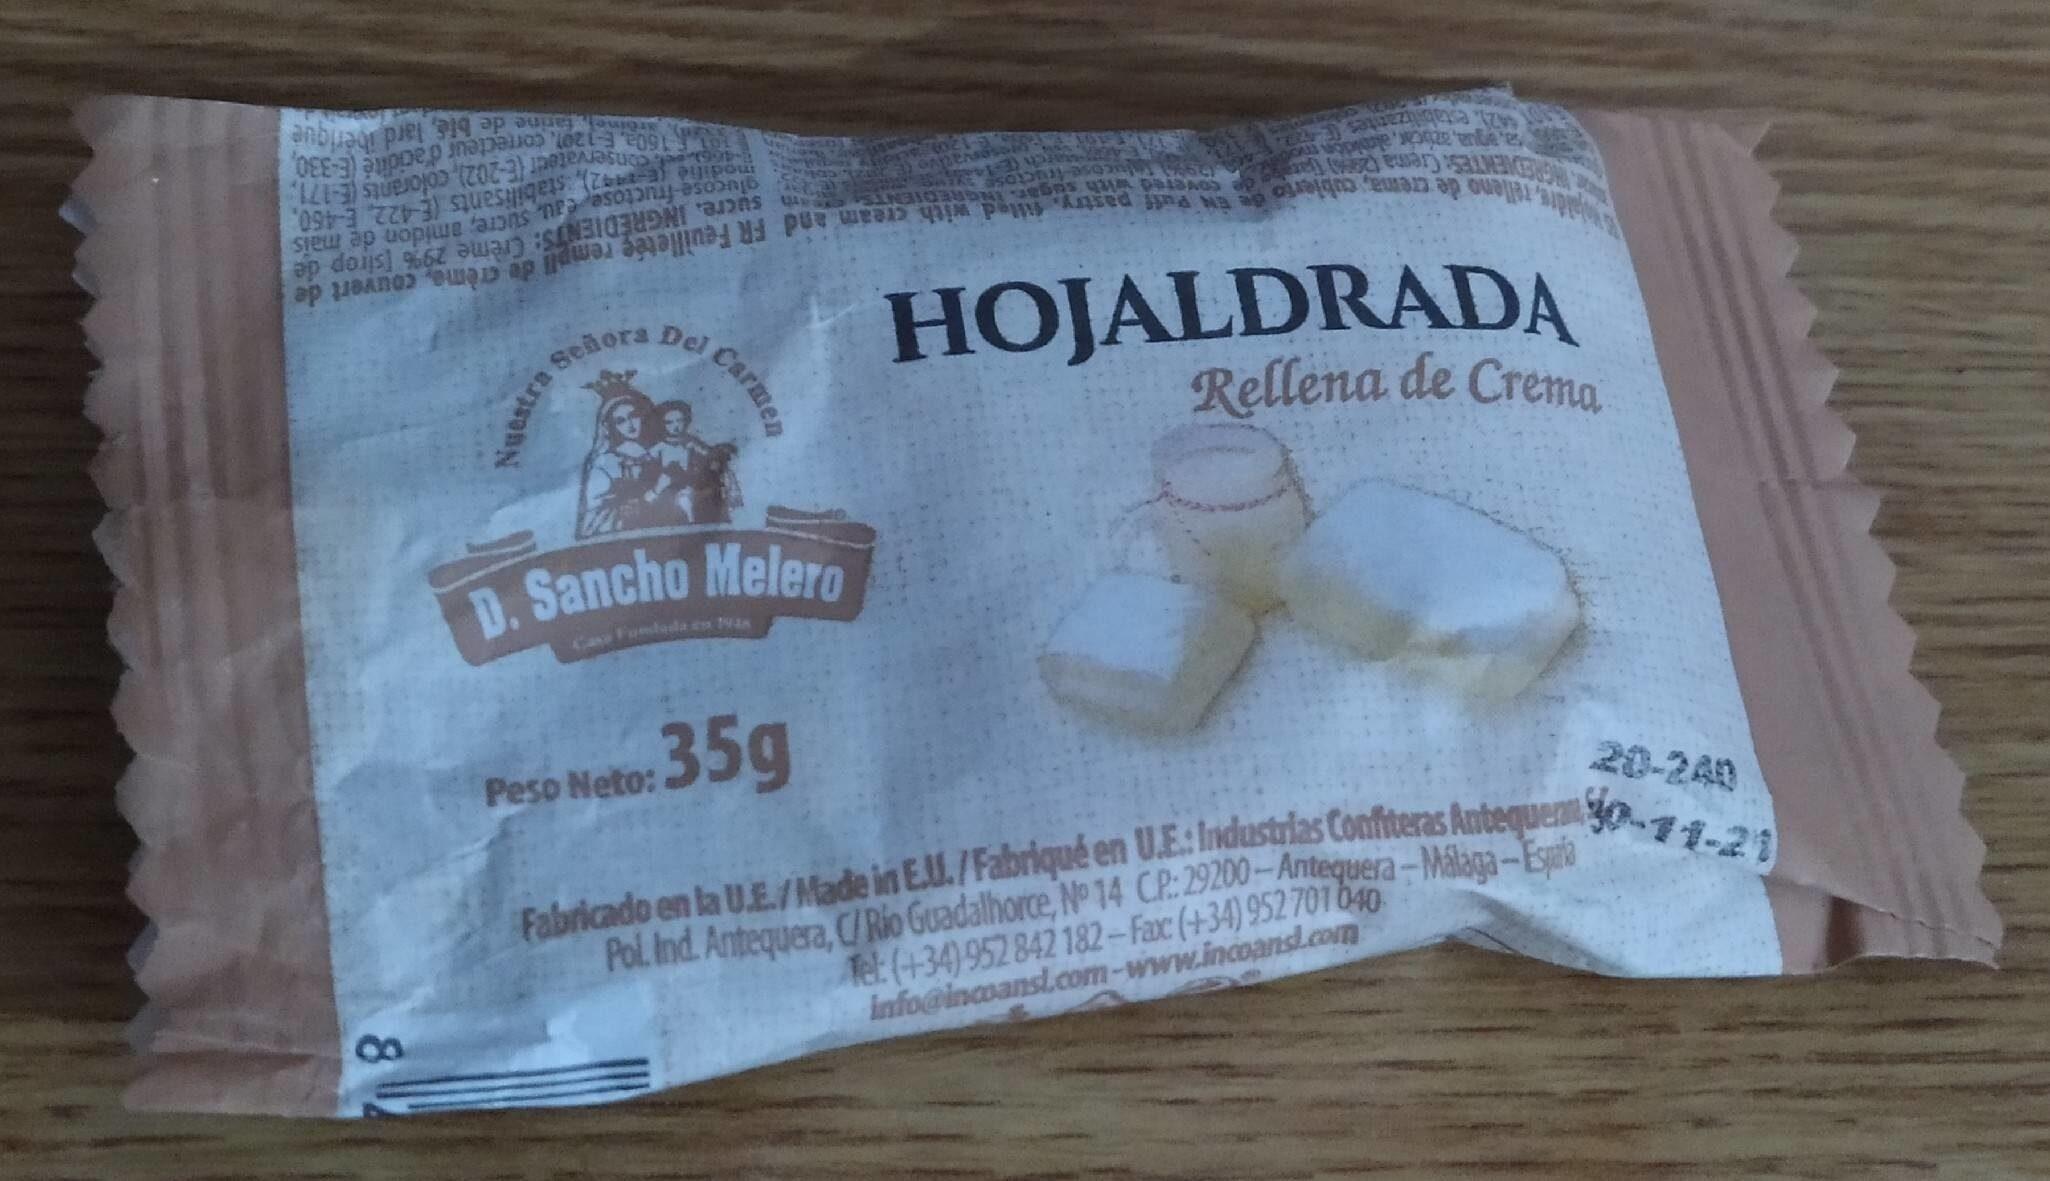 Hojaldrada rellena de crema - Producto - es